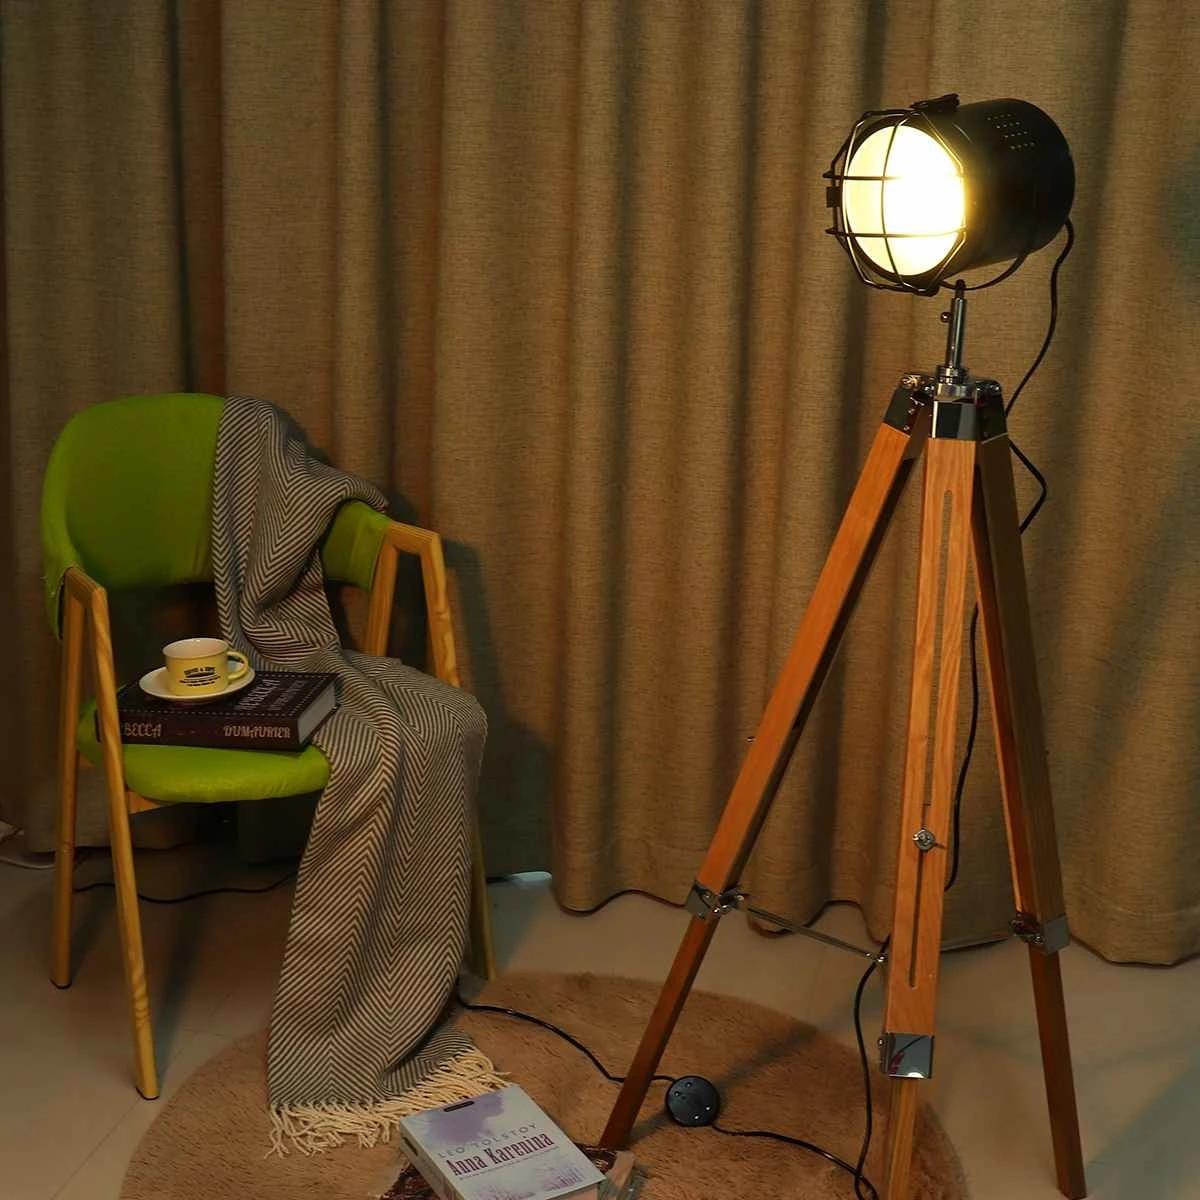 E27 Wooden Floor Lamp Tripod Vintage Bedroom Reading Spotlight Fixture Decor Table Lamp Indoor Lighting 220v Height Adjustable Floor Lamps Aliexpress